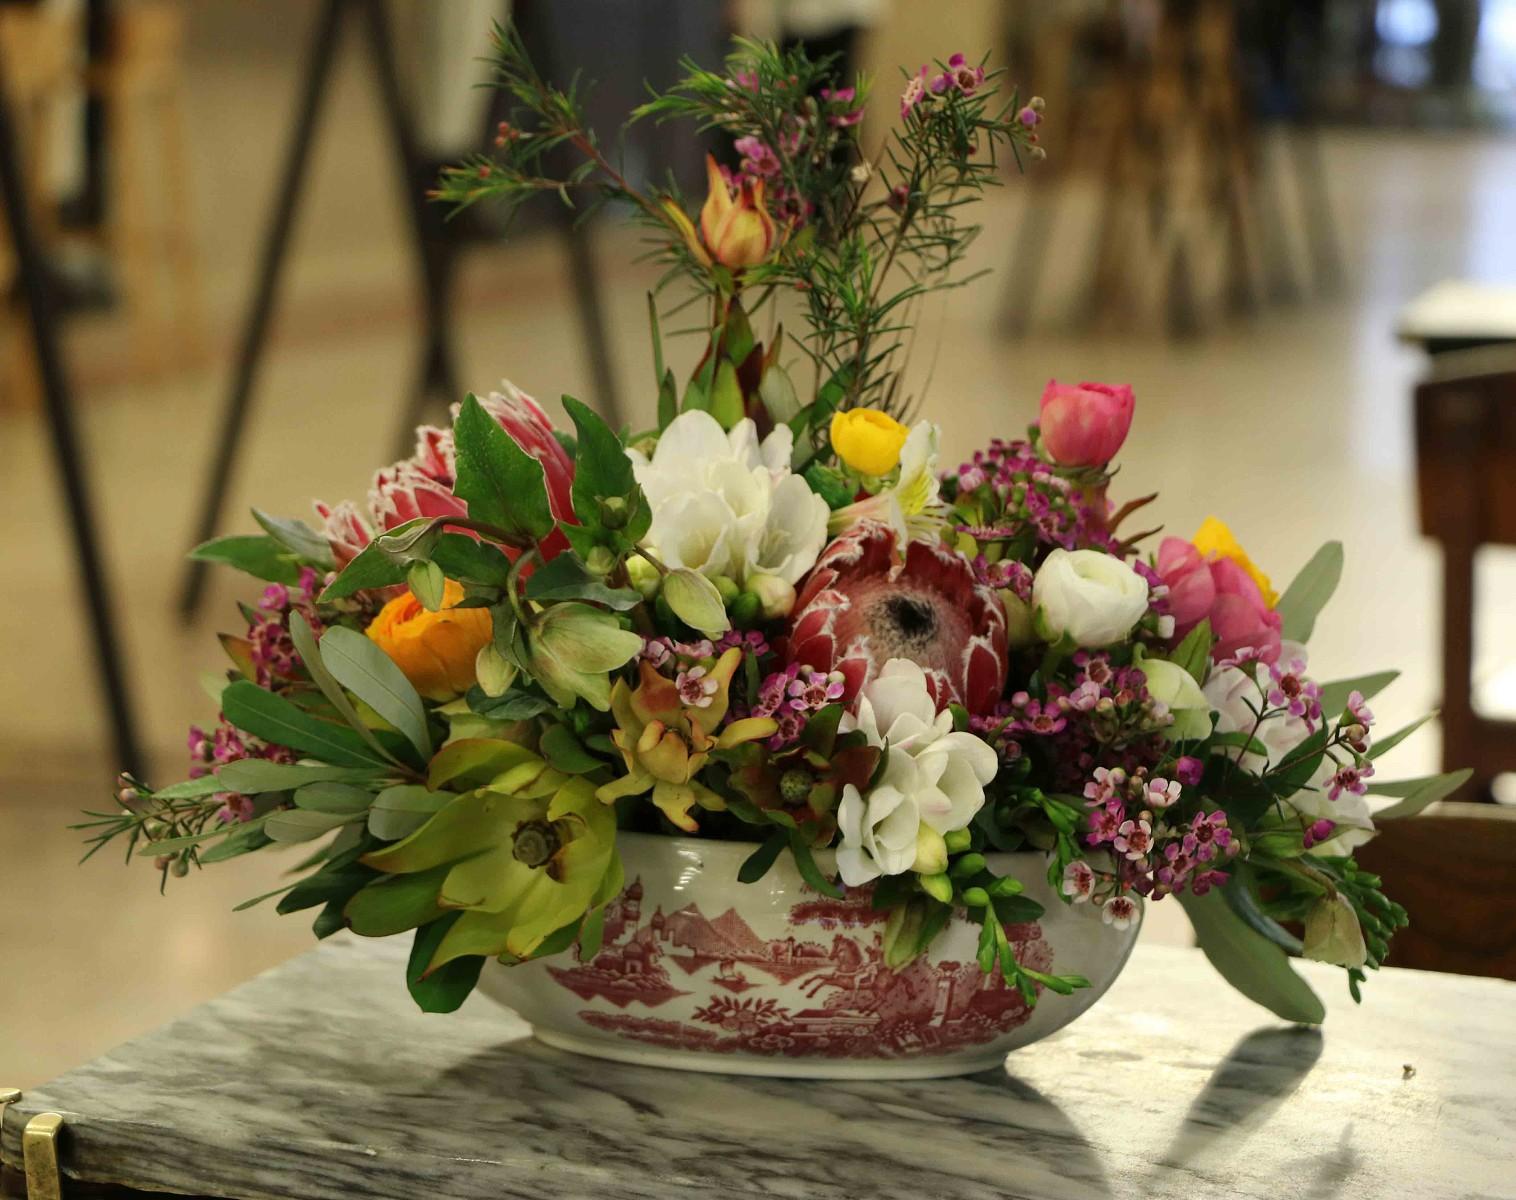 arranjo-de-flores-em-tigela-vintage-.jpg